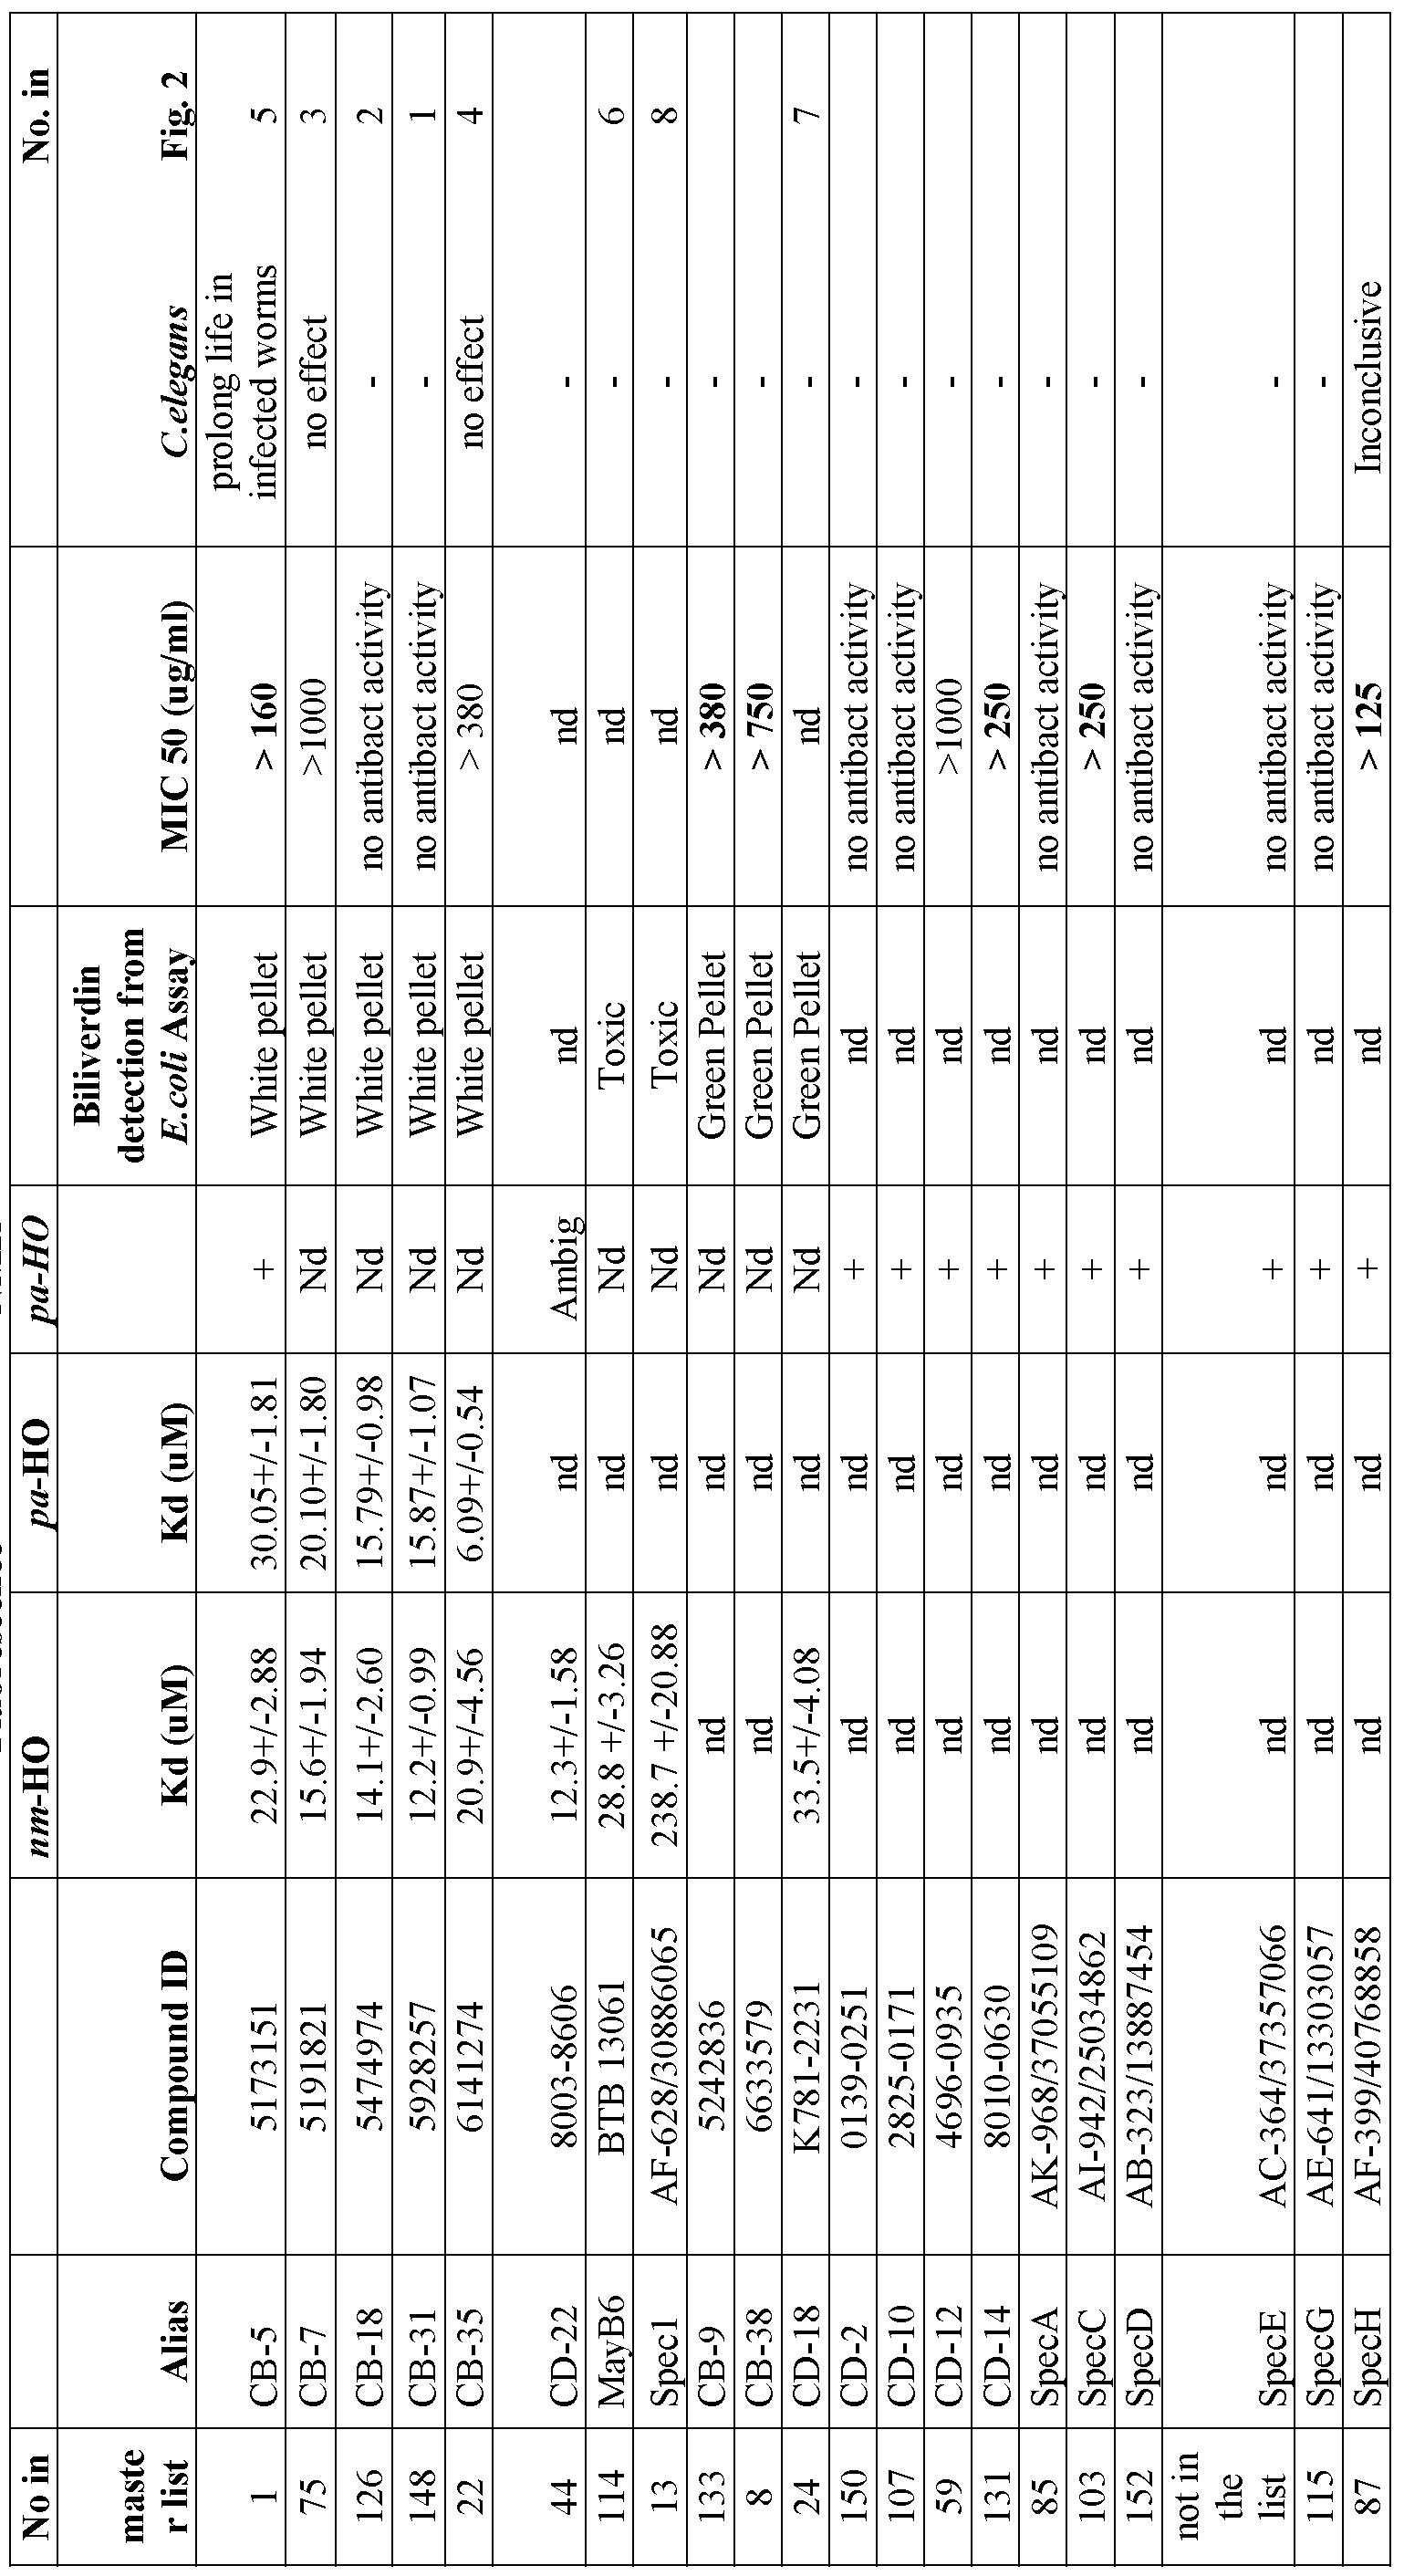 WO2008014266A9 - Heme oxygenase inhibitors and methods of